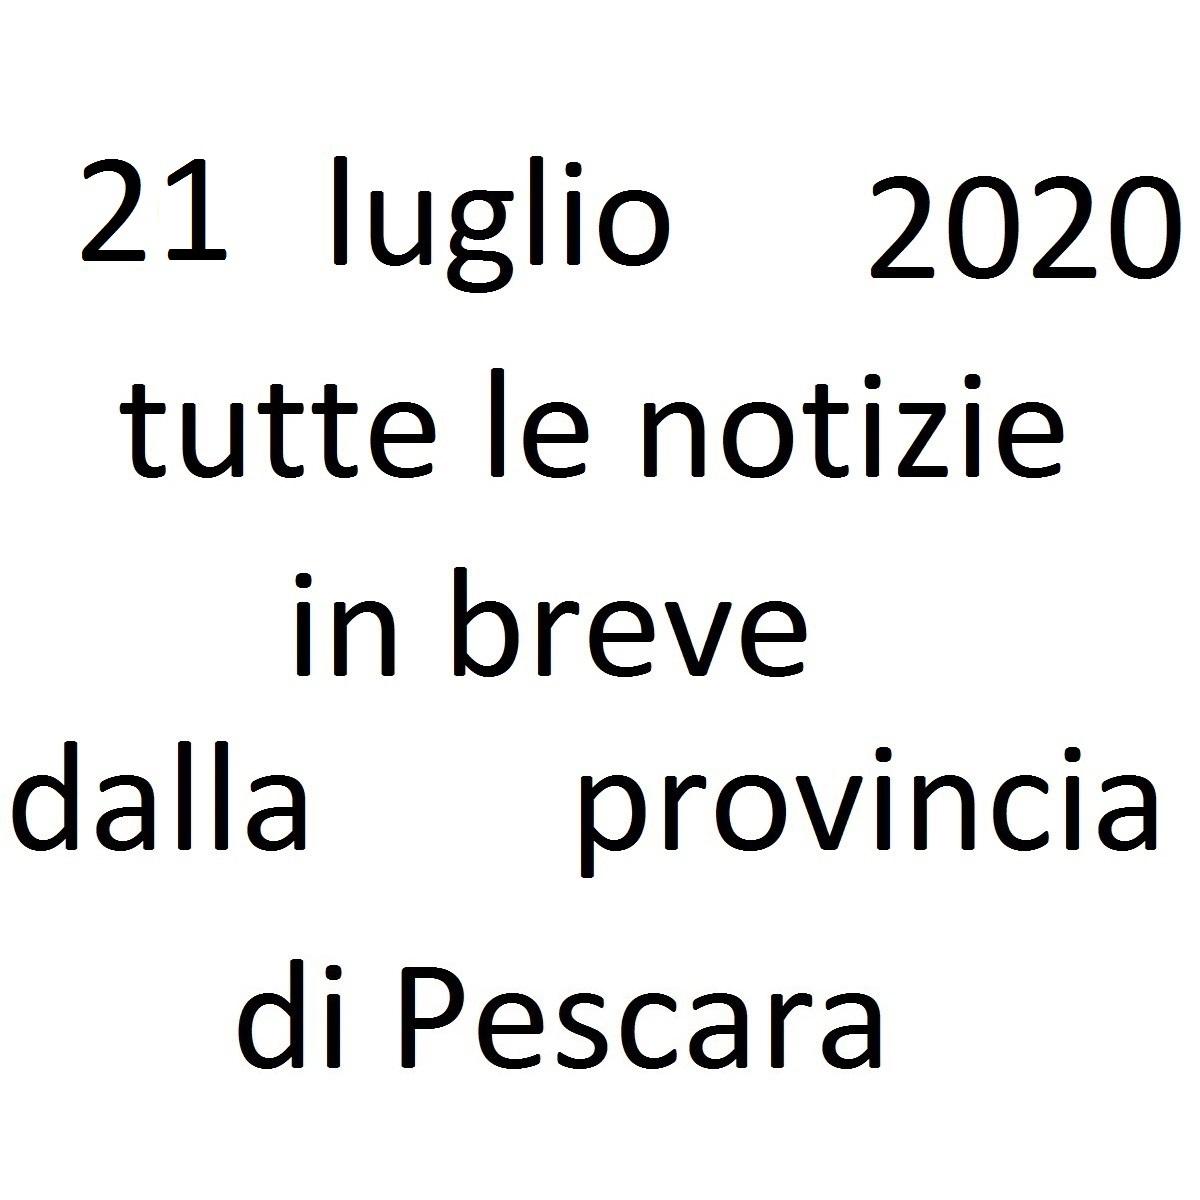 21 luglio 2020 notizie in breve dalla Provincia di Pescara foto